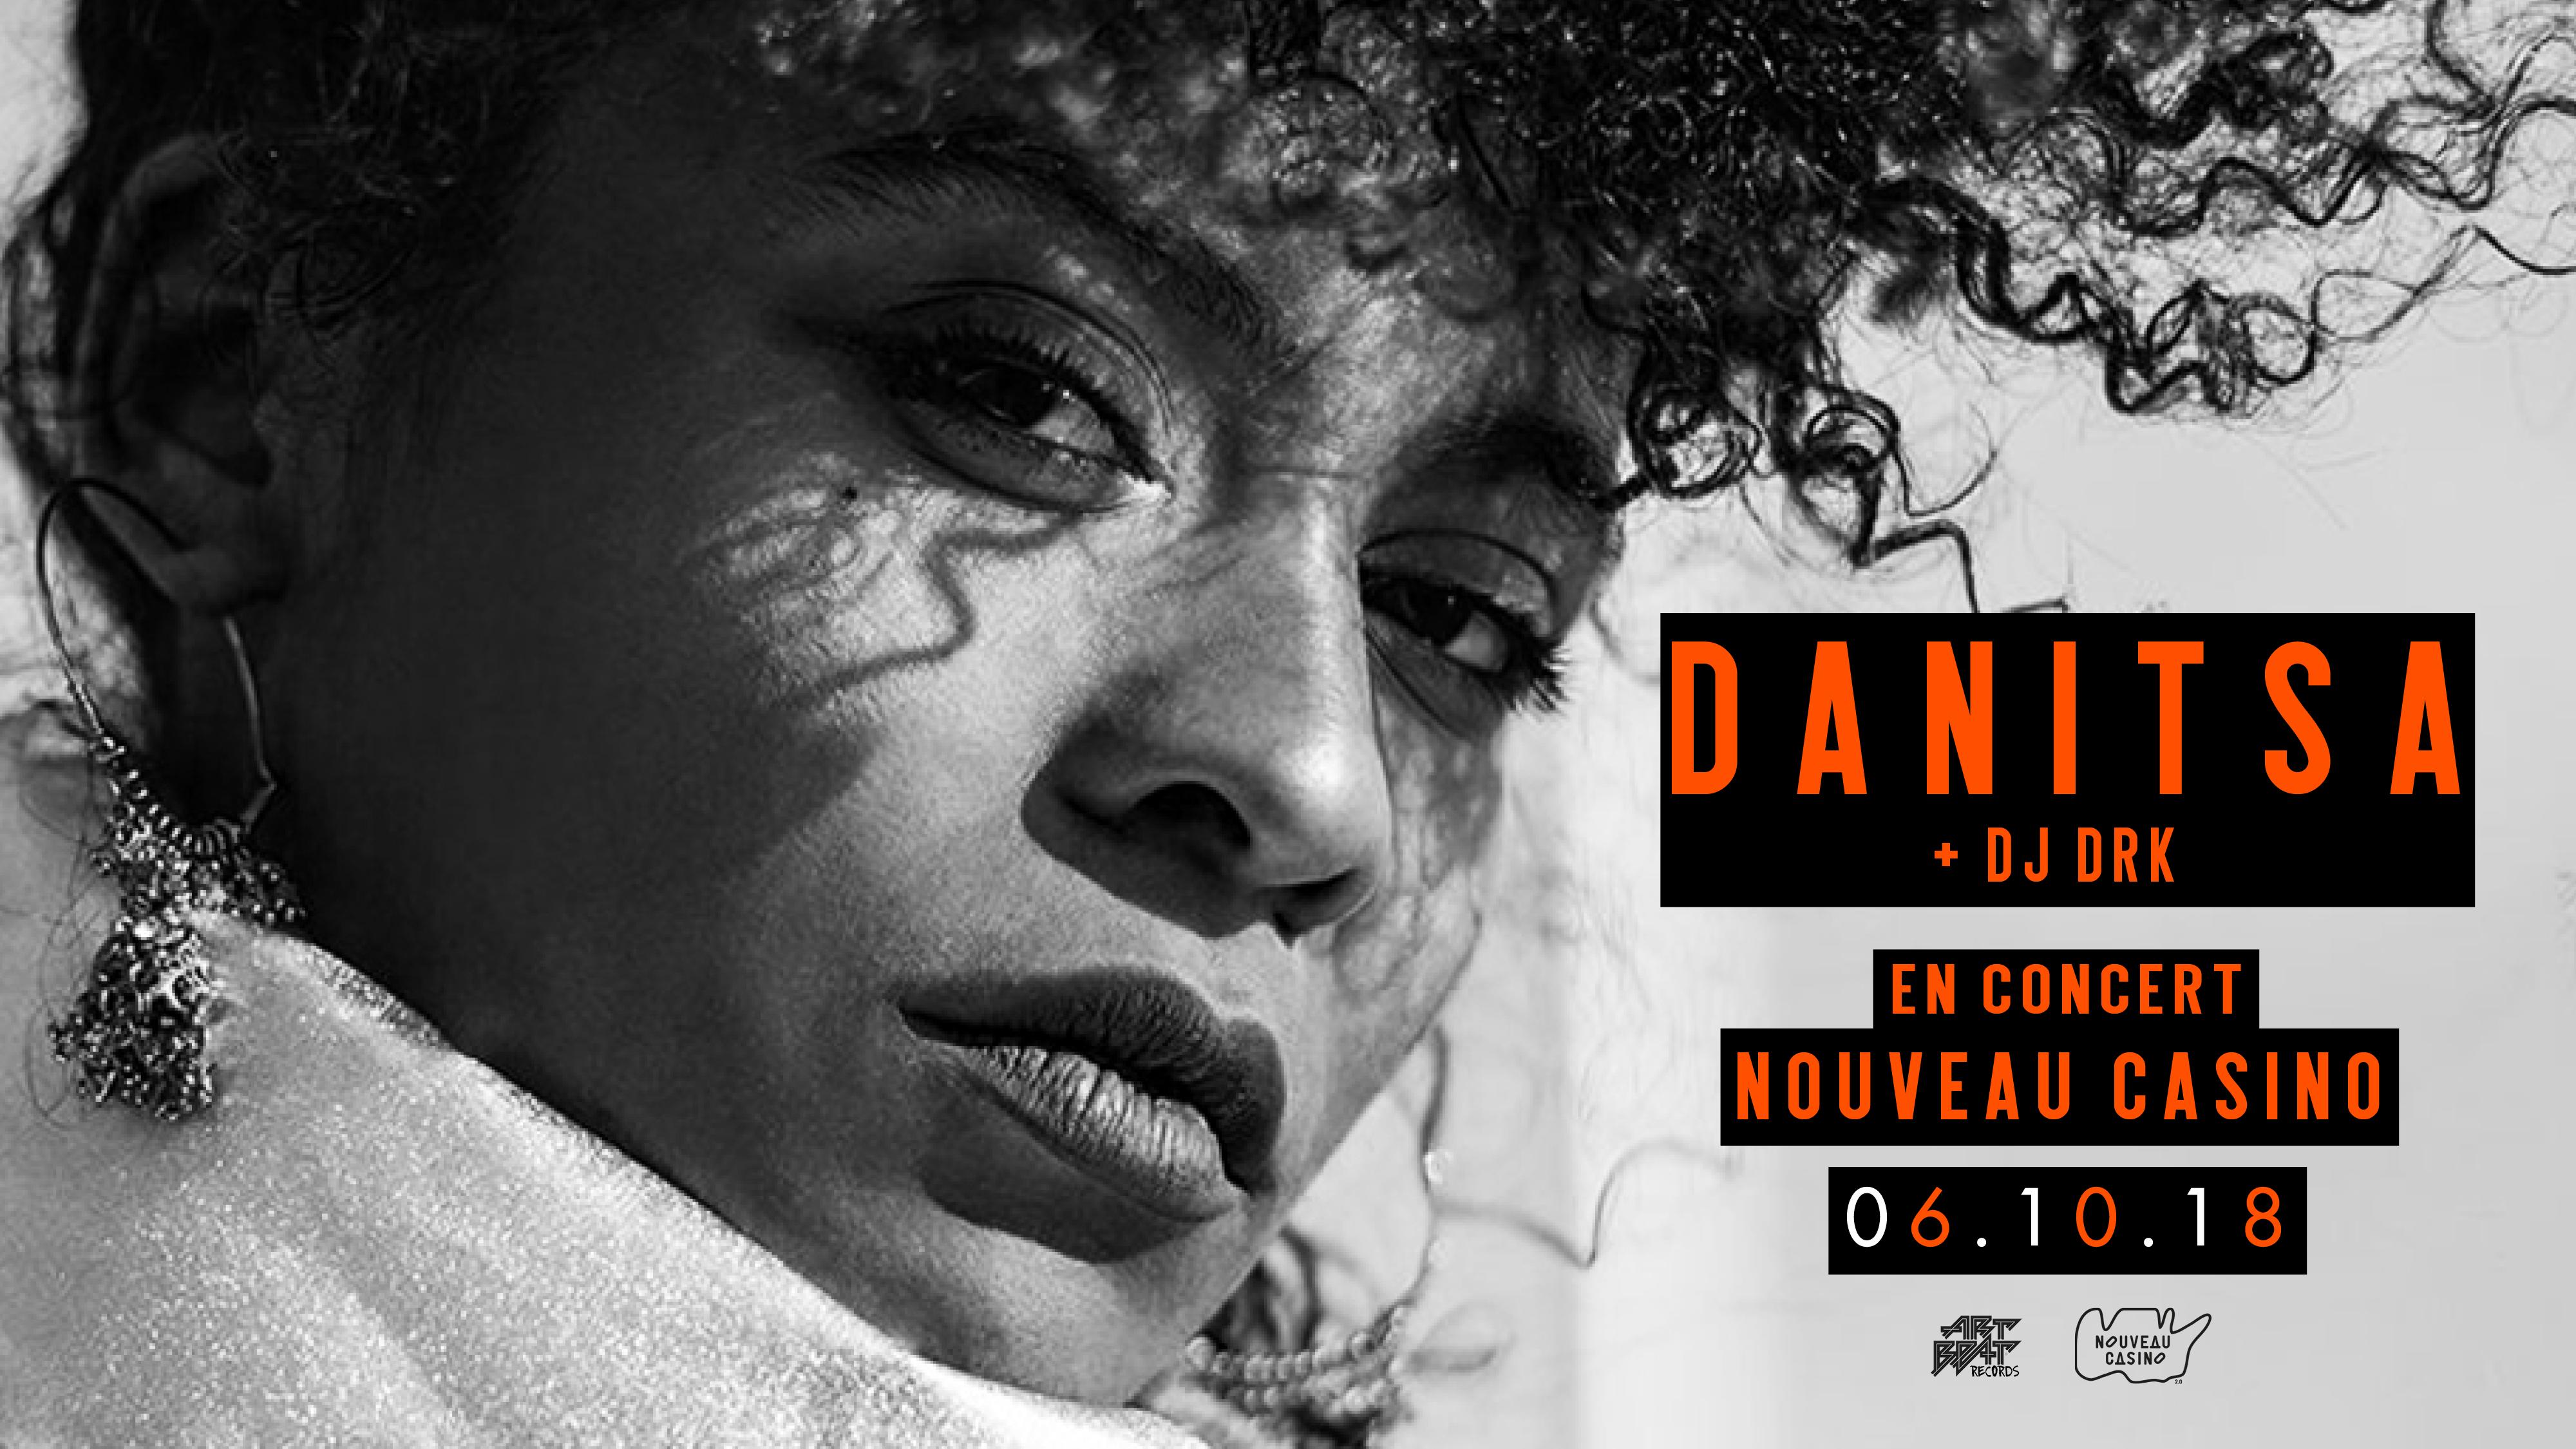 Danitsa au Nouveau Casino - Paris